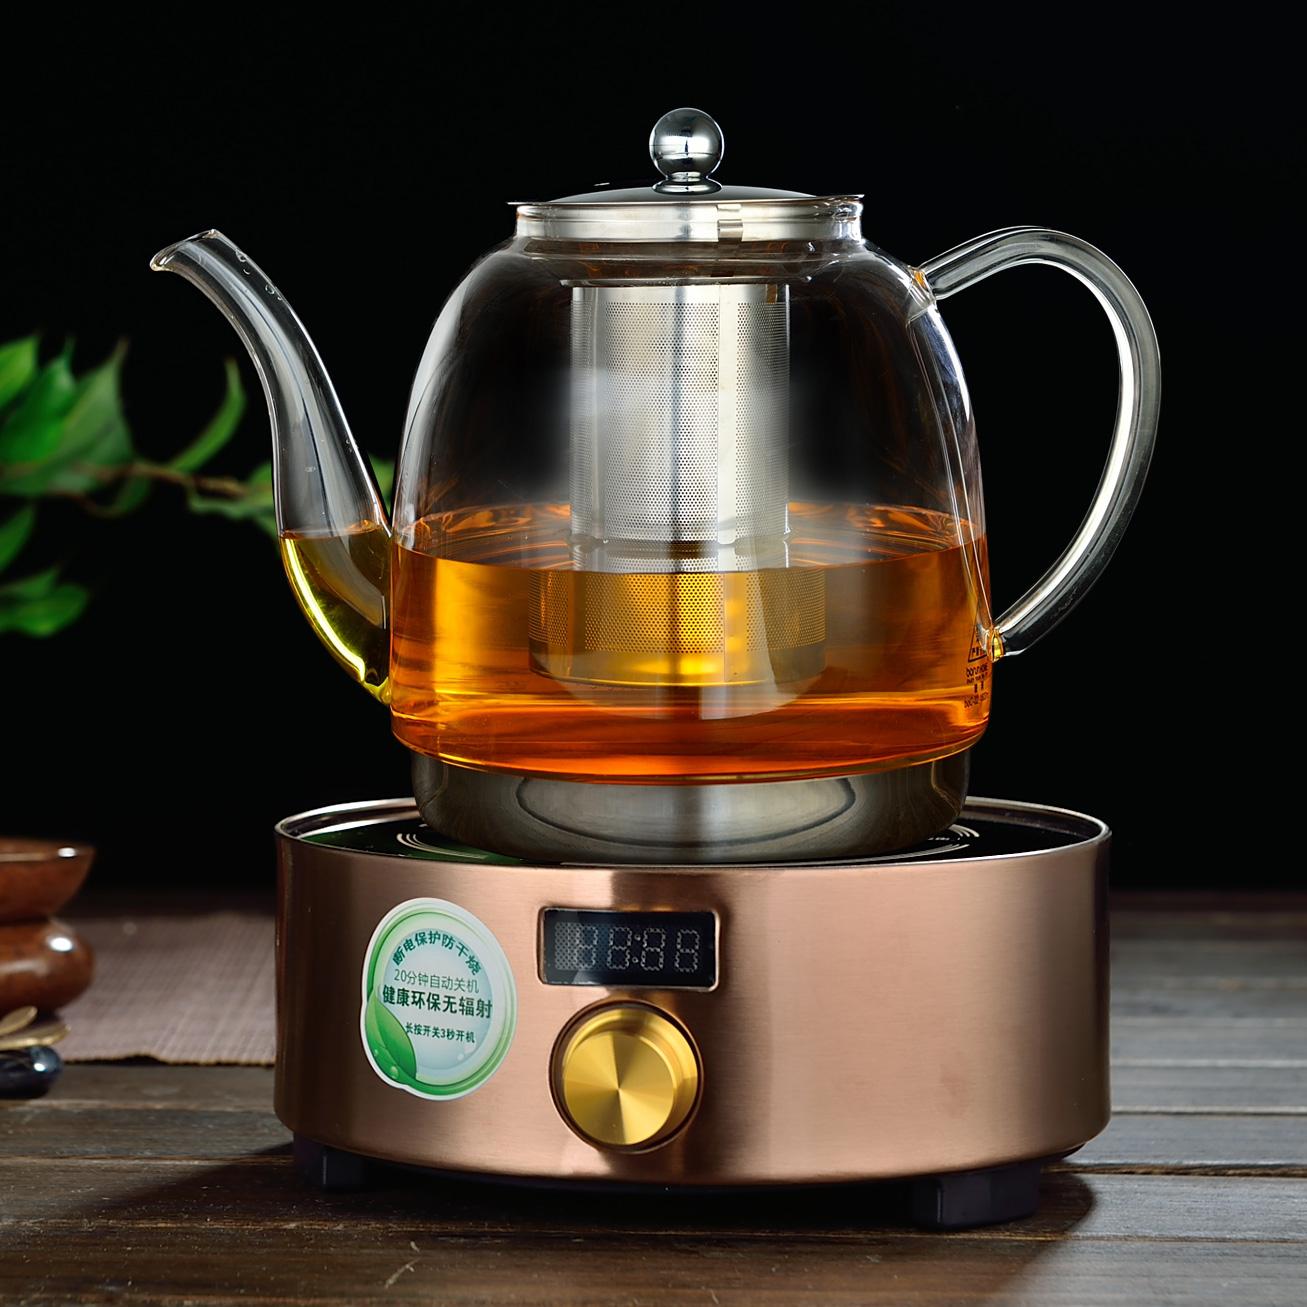 電磁爐 玻璃燒水茶壺養生壺電陶爐茶具套裝耐熱304不鏽鋼過濾